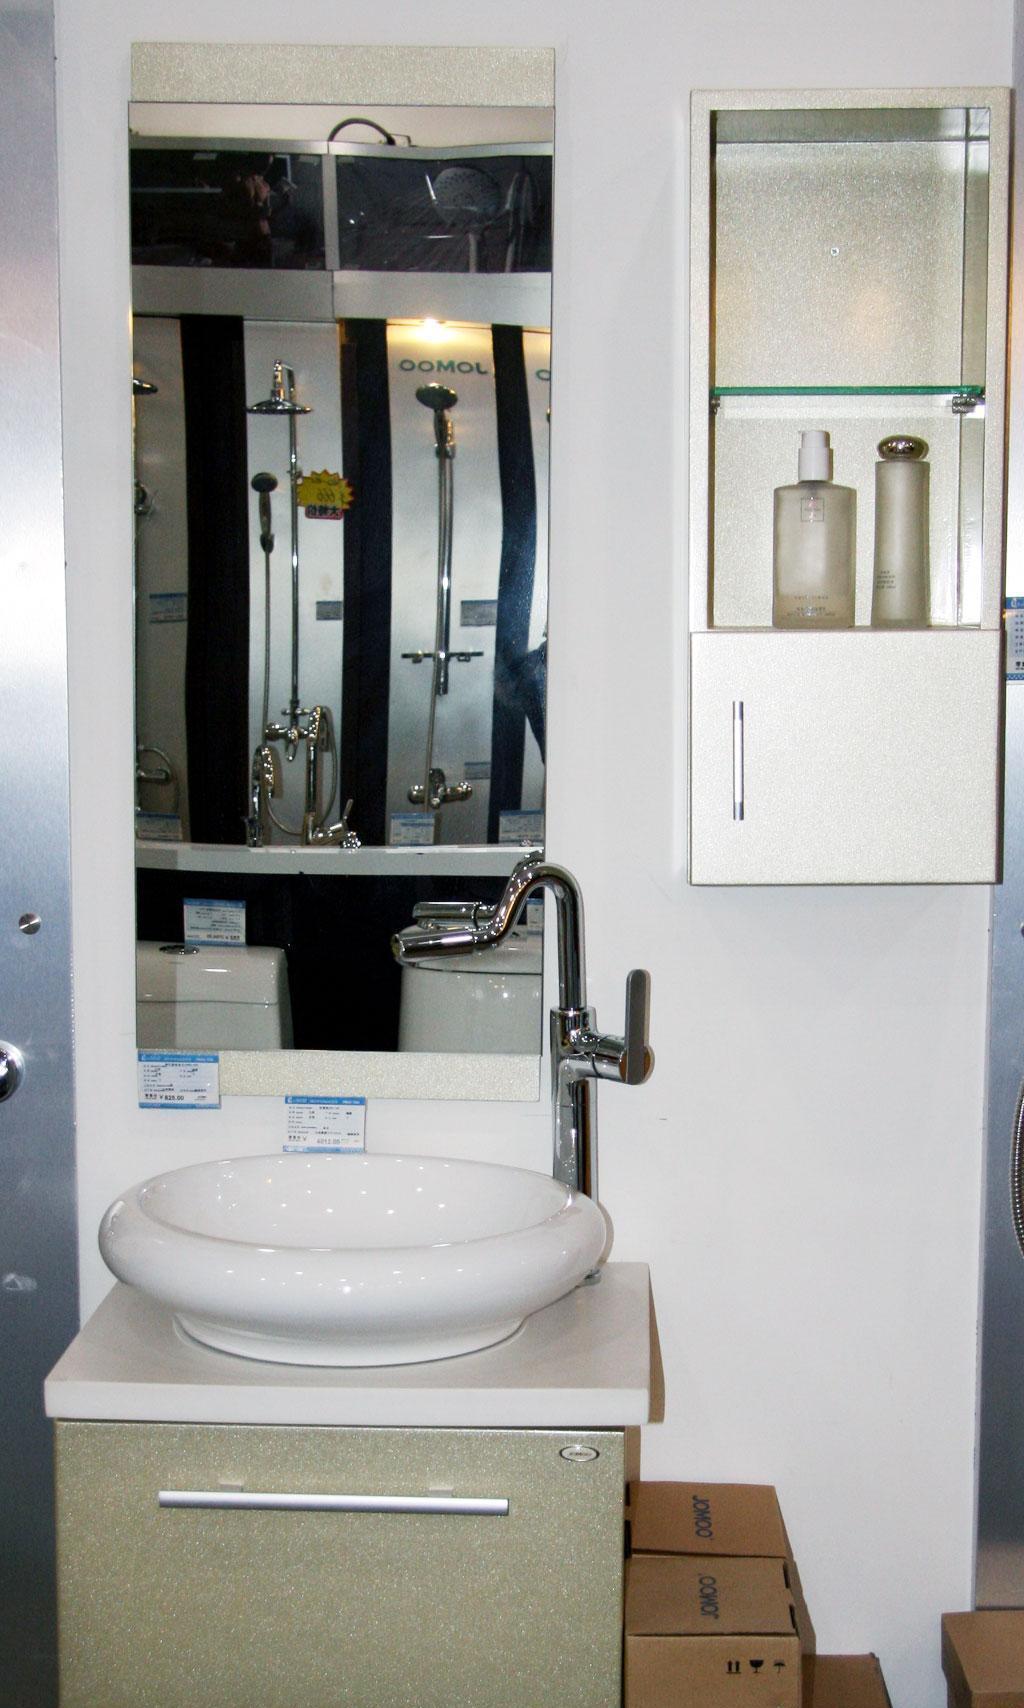 九牧浴室柜201-24